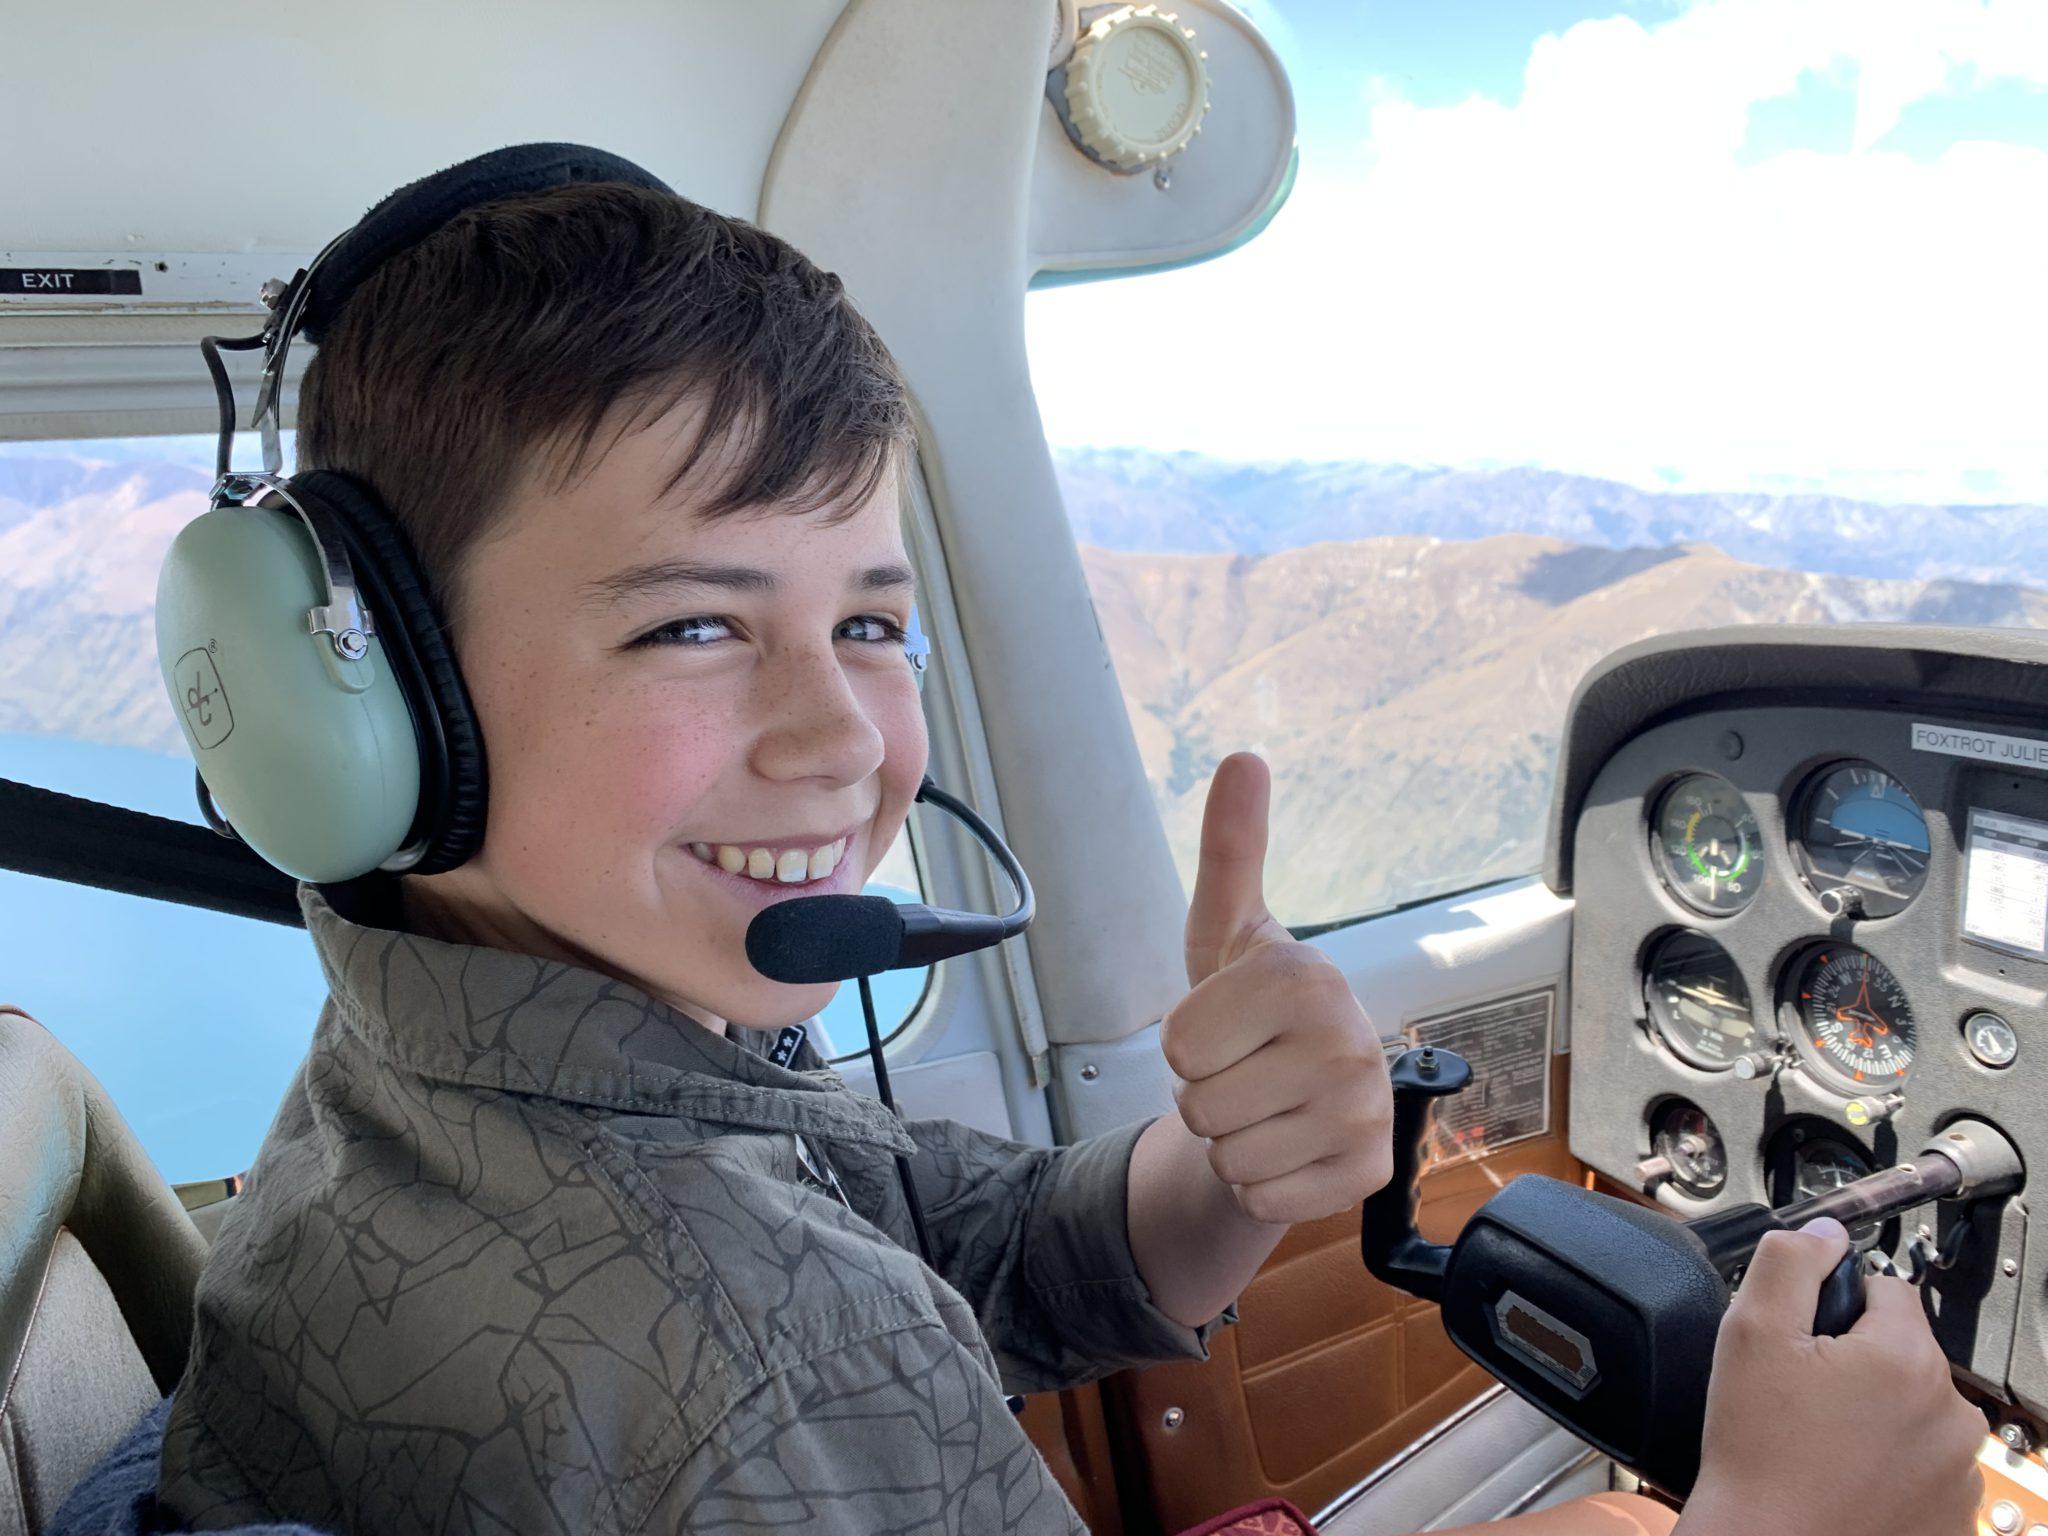 New Zealand Aircraft Flying Experience: Scenic Trial Flight of Wanaka